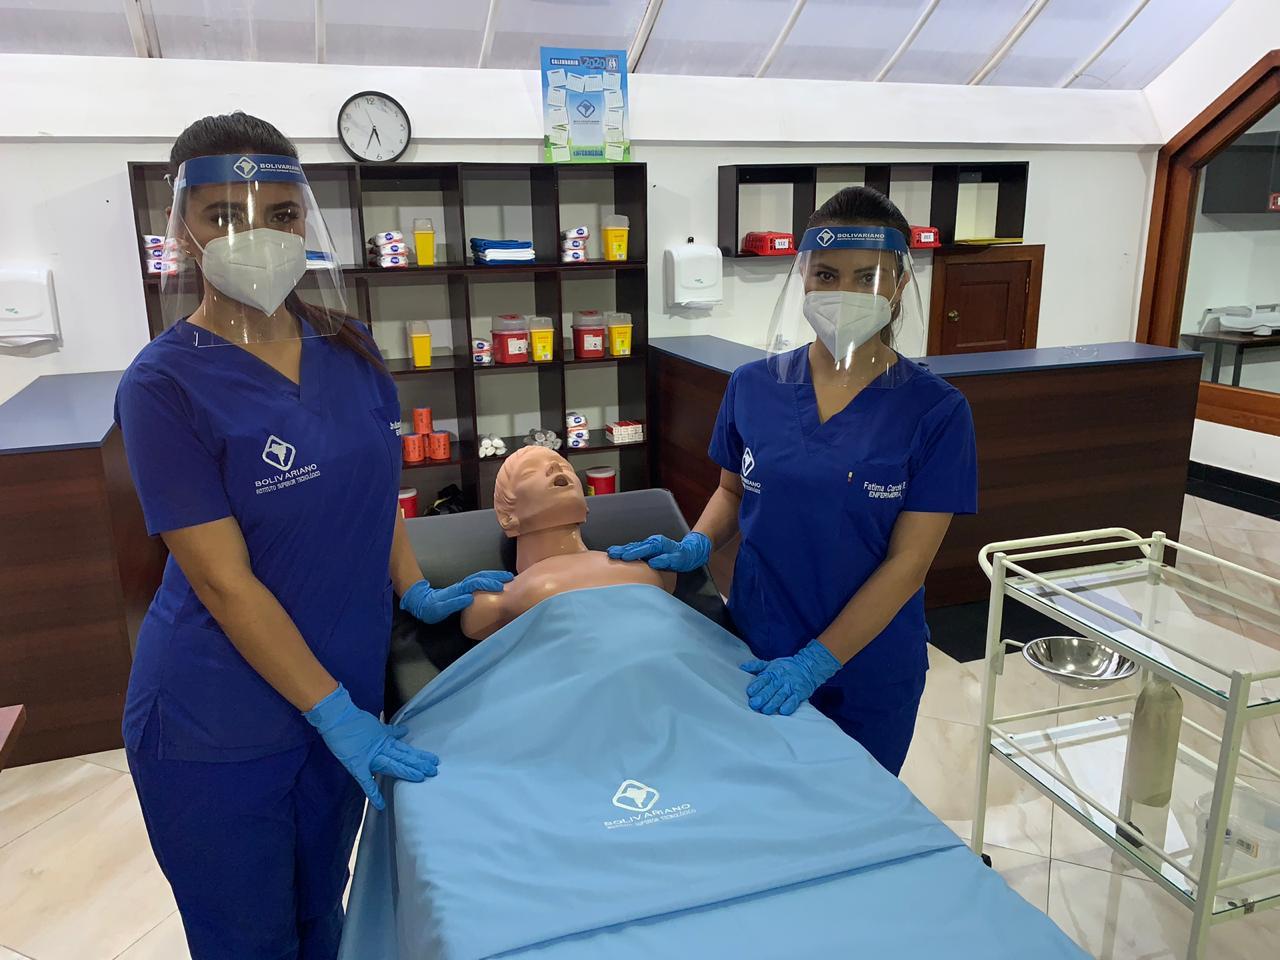 CONGRESO VIRTUAL POTENCIA AL SECTOR DE LA SALUD  INSTITUTO BOLIVARIANO promueve capacitación practica a galenos y enfermeras